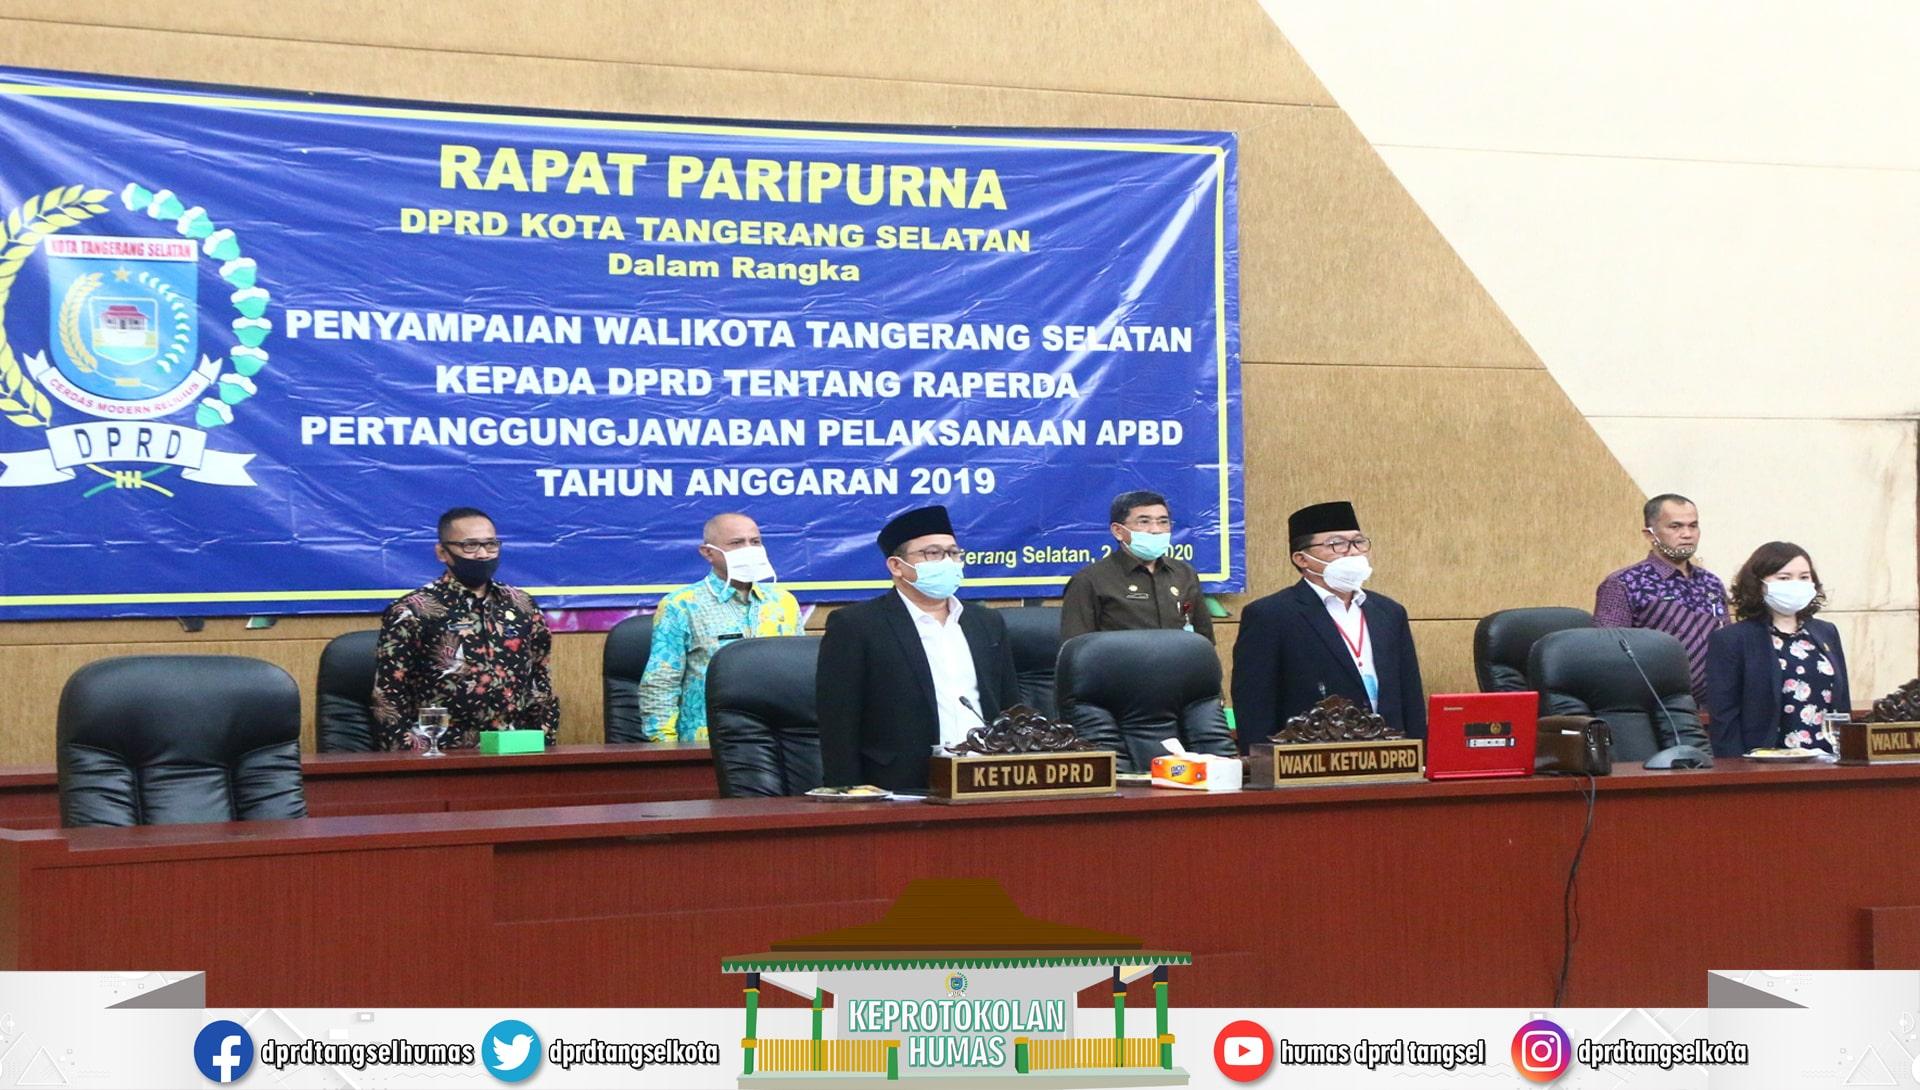 Paripurna Penyampaian Walikota kapada DPRD ttg Raperda APBD TA 2019